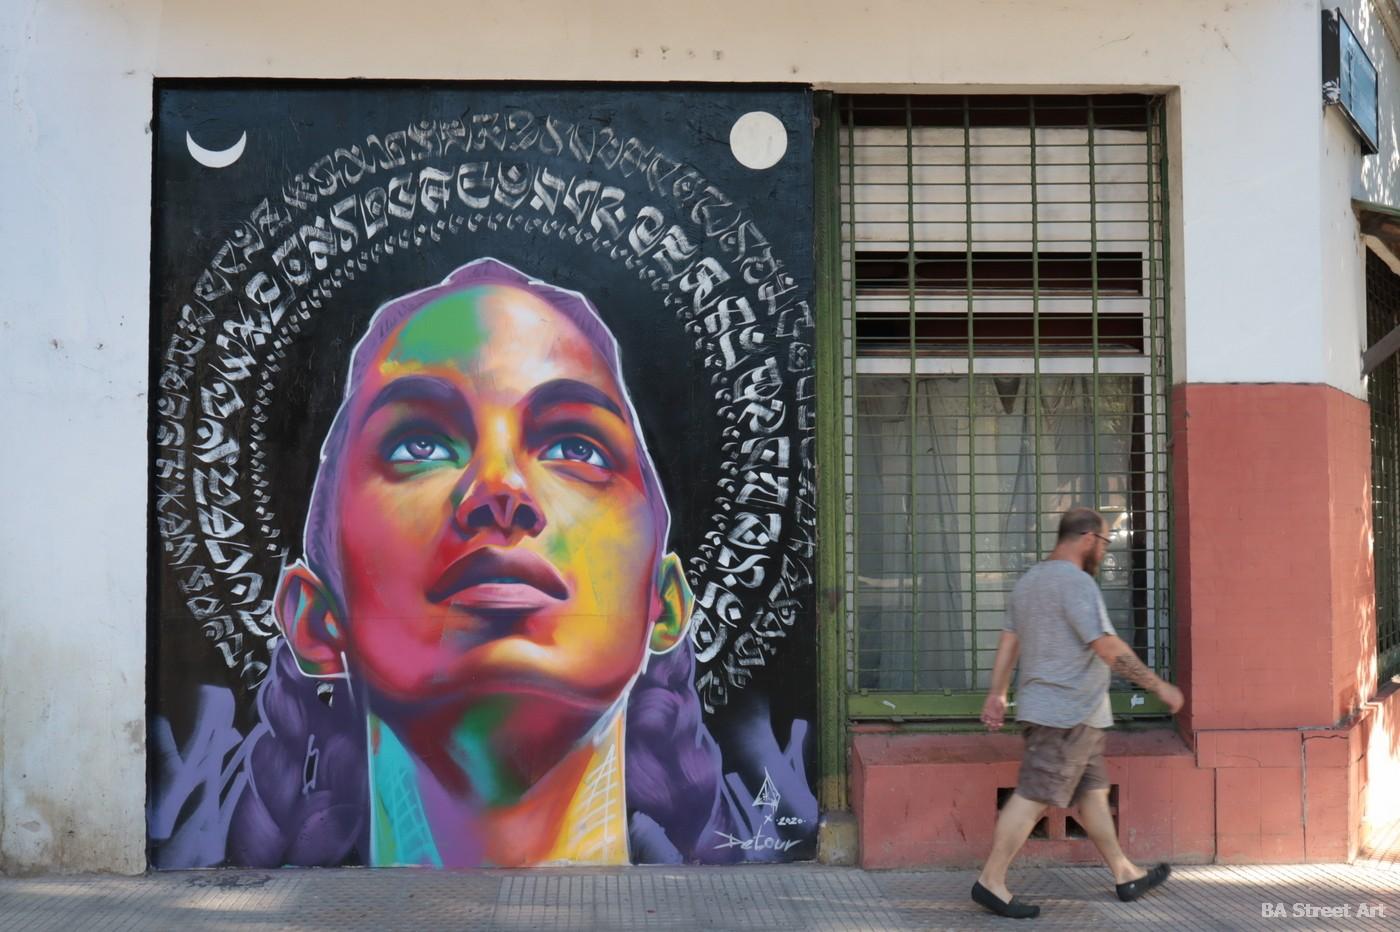 denver street art colorado thomas evans detour portraits murals woman caligraphy pyramyd